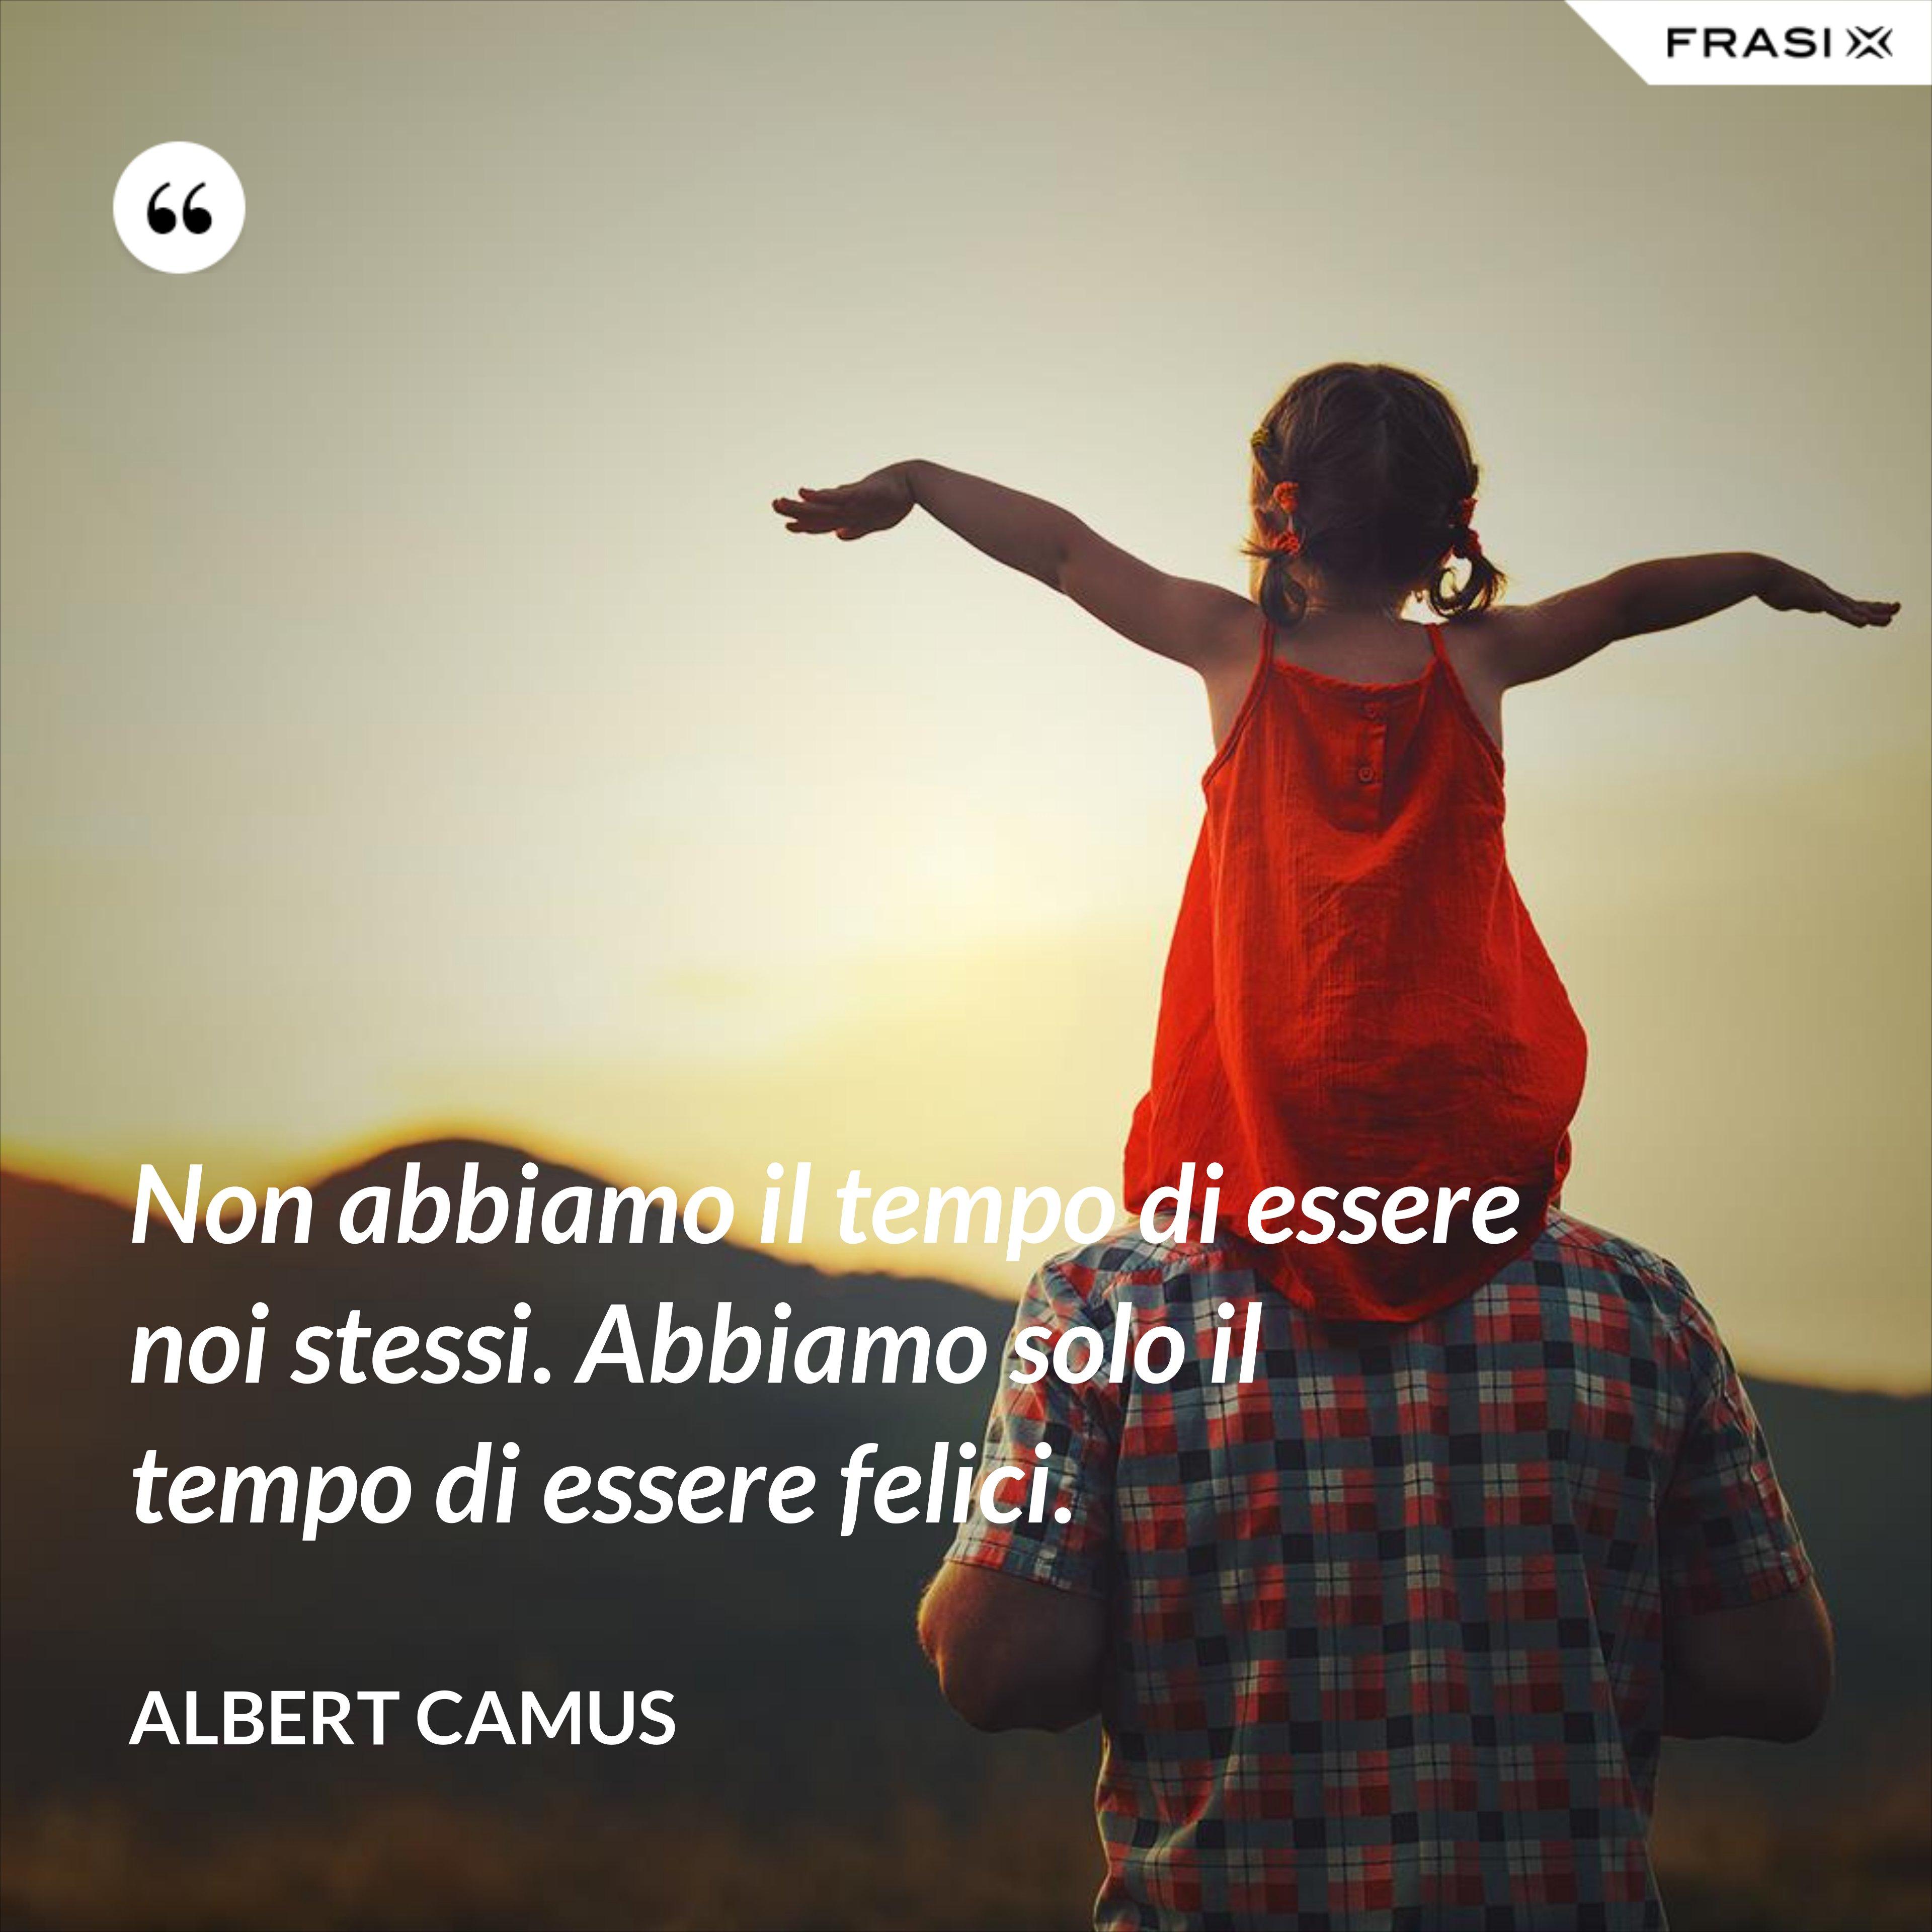 Non abbiamo il tempo di essere noi stessi. Abbiamo solo il tempo di essere felici. - Albert Camus